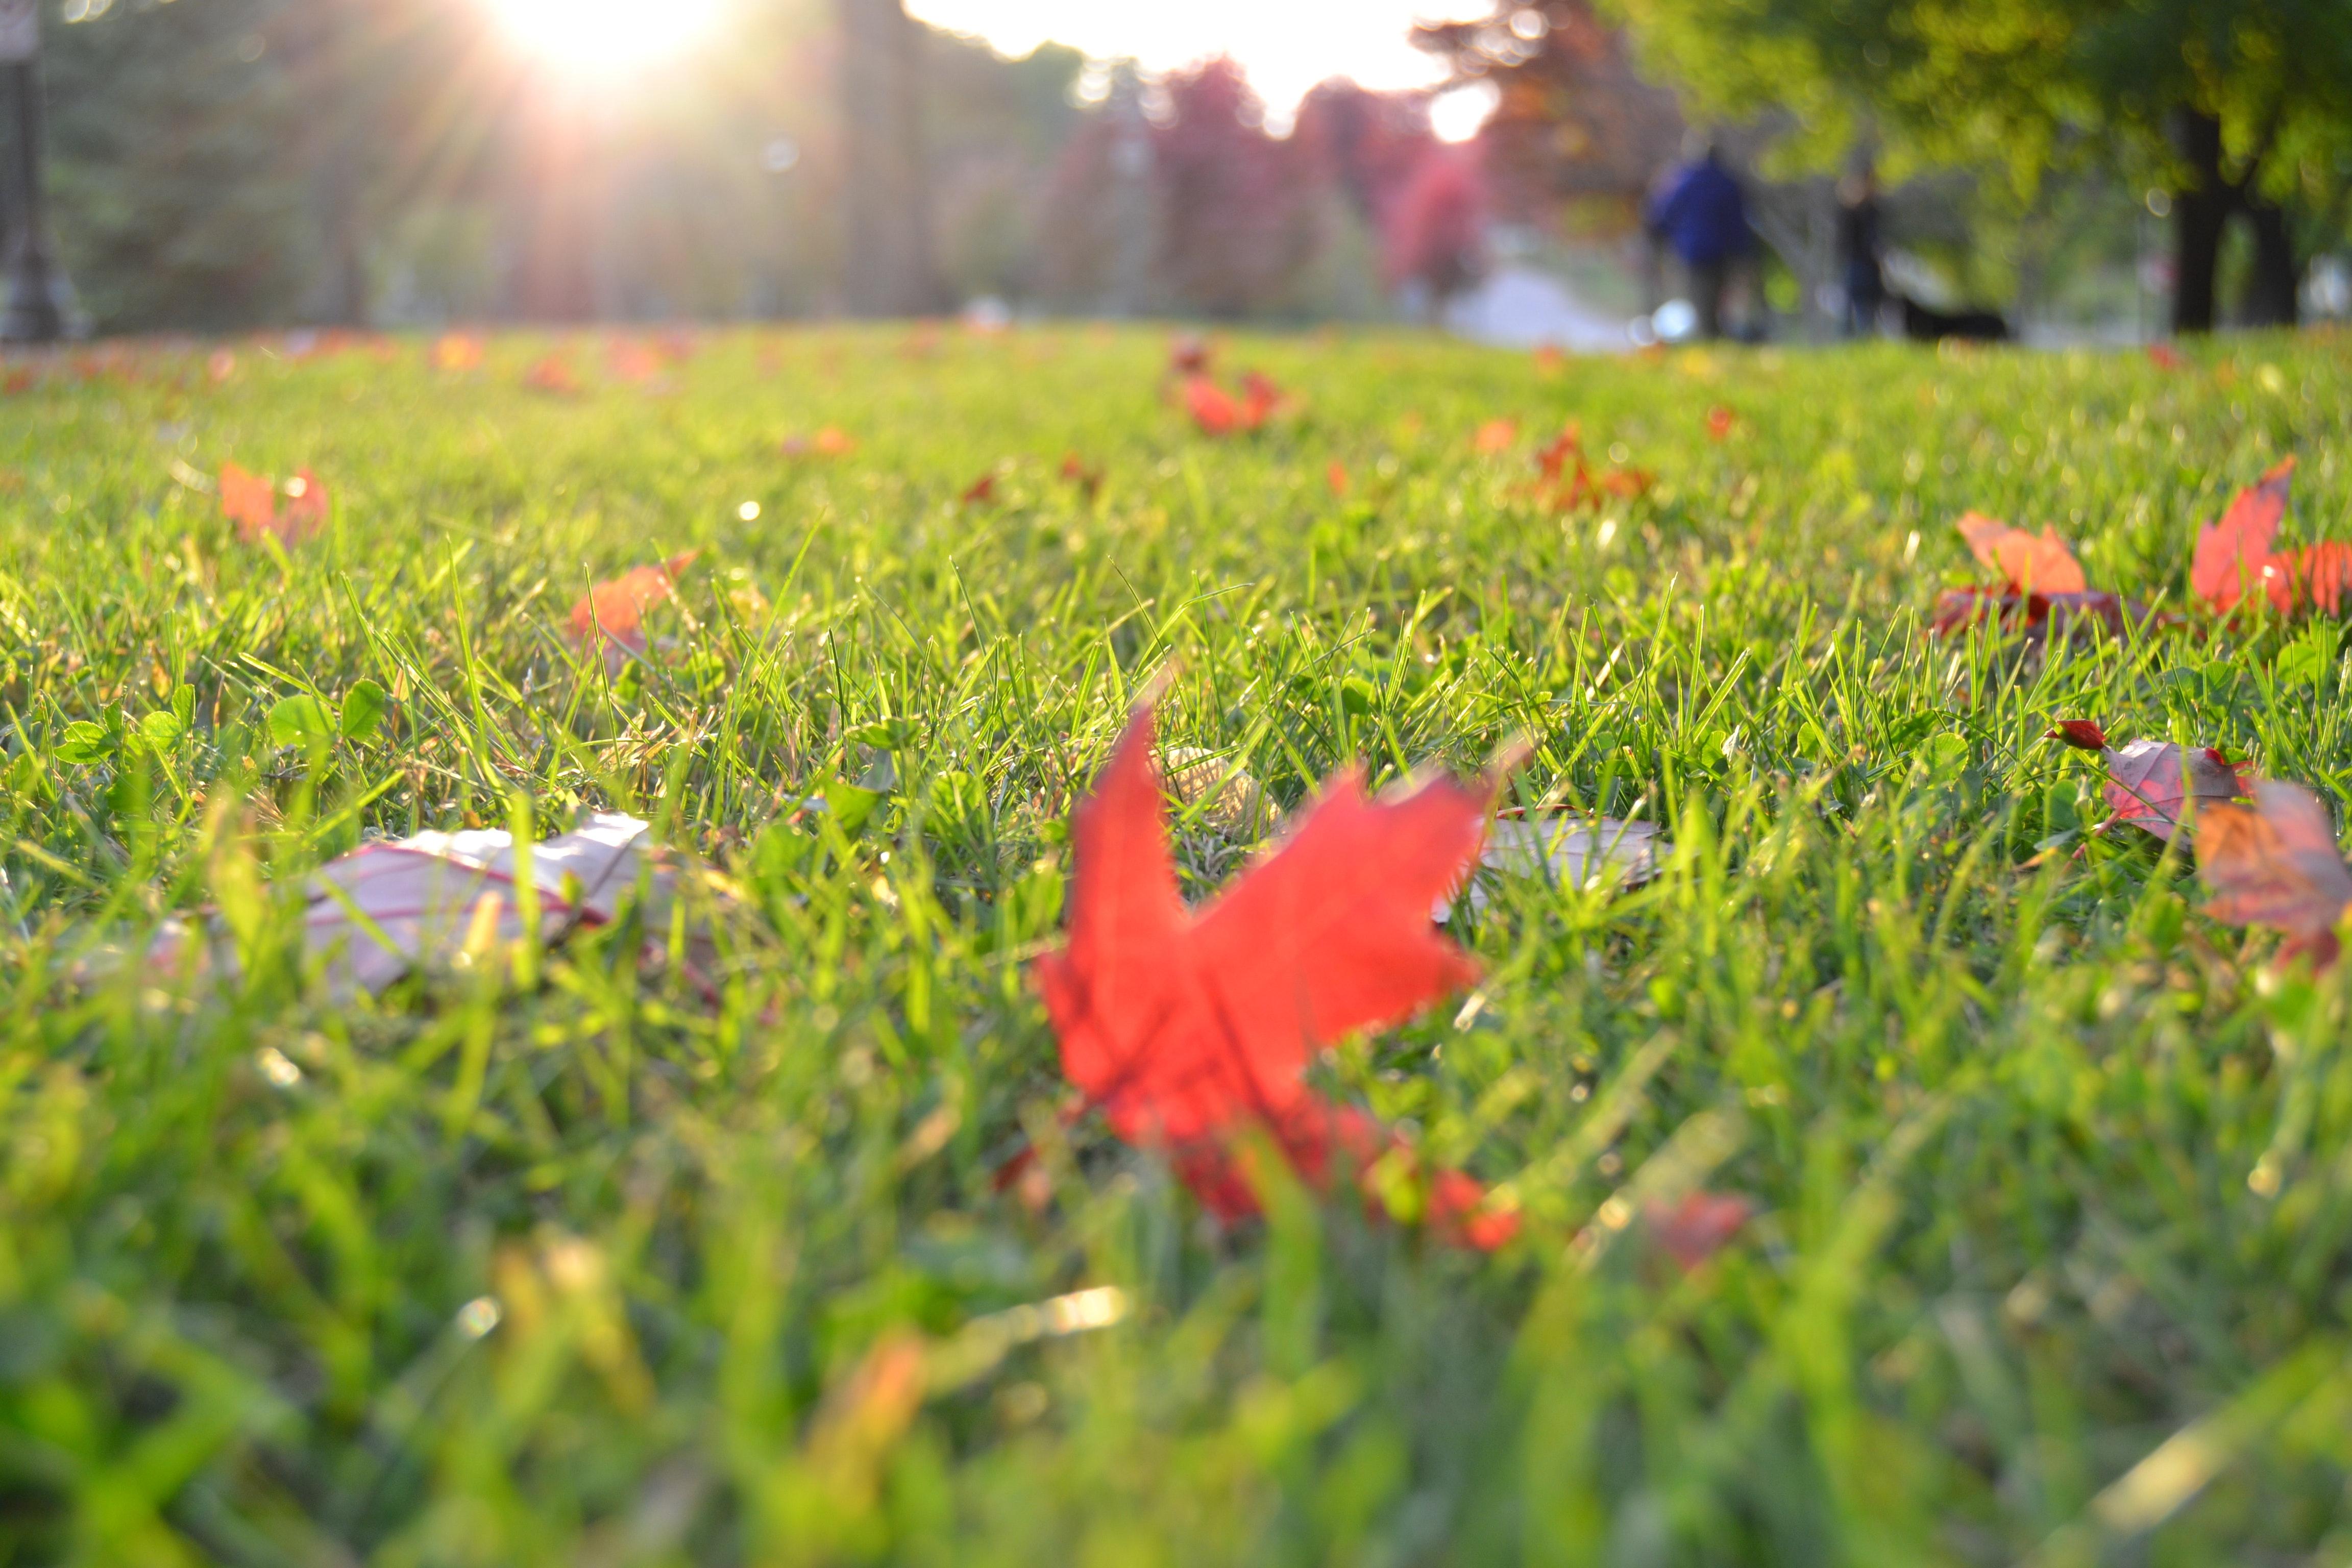 Lawn Care Myths You Should Stop Believing, sprinkler system